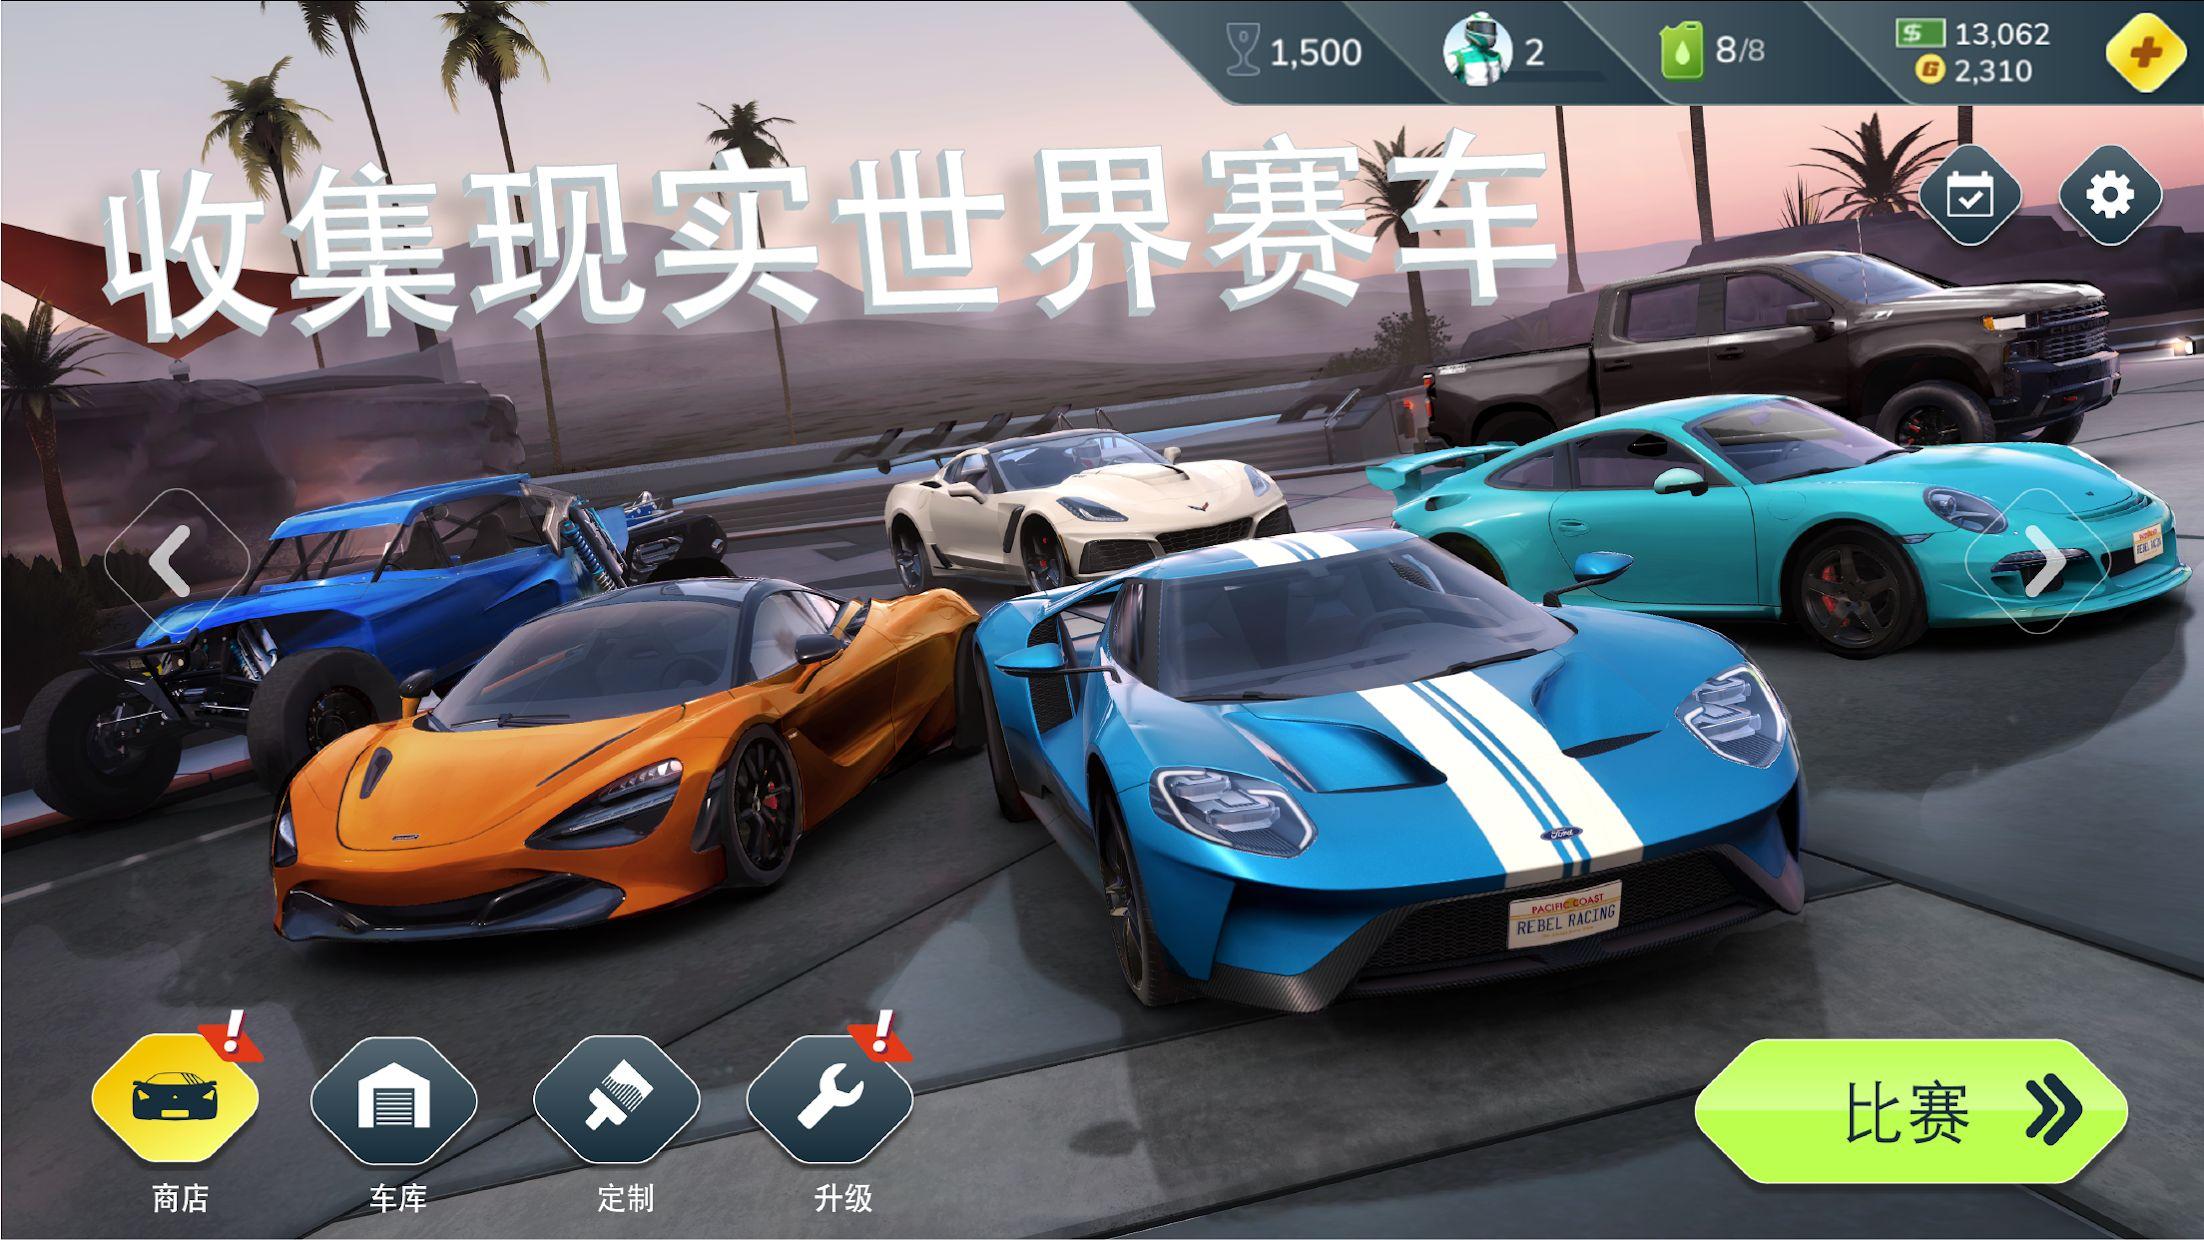 反叛赛车 游戏截图4